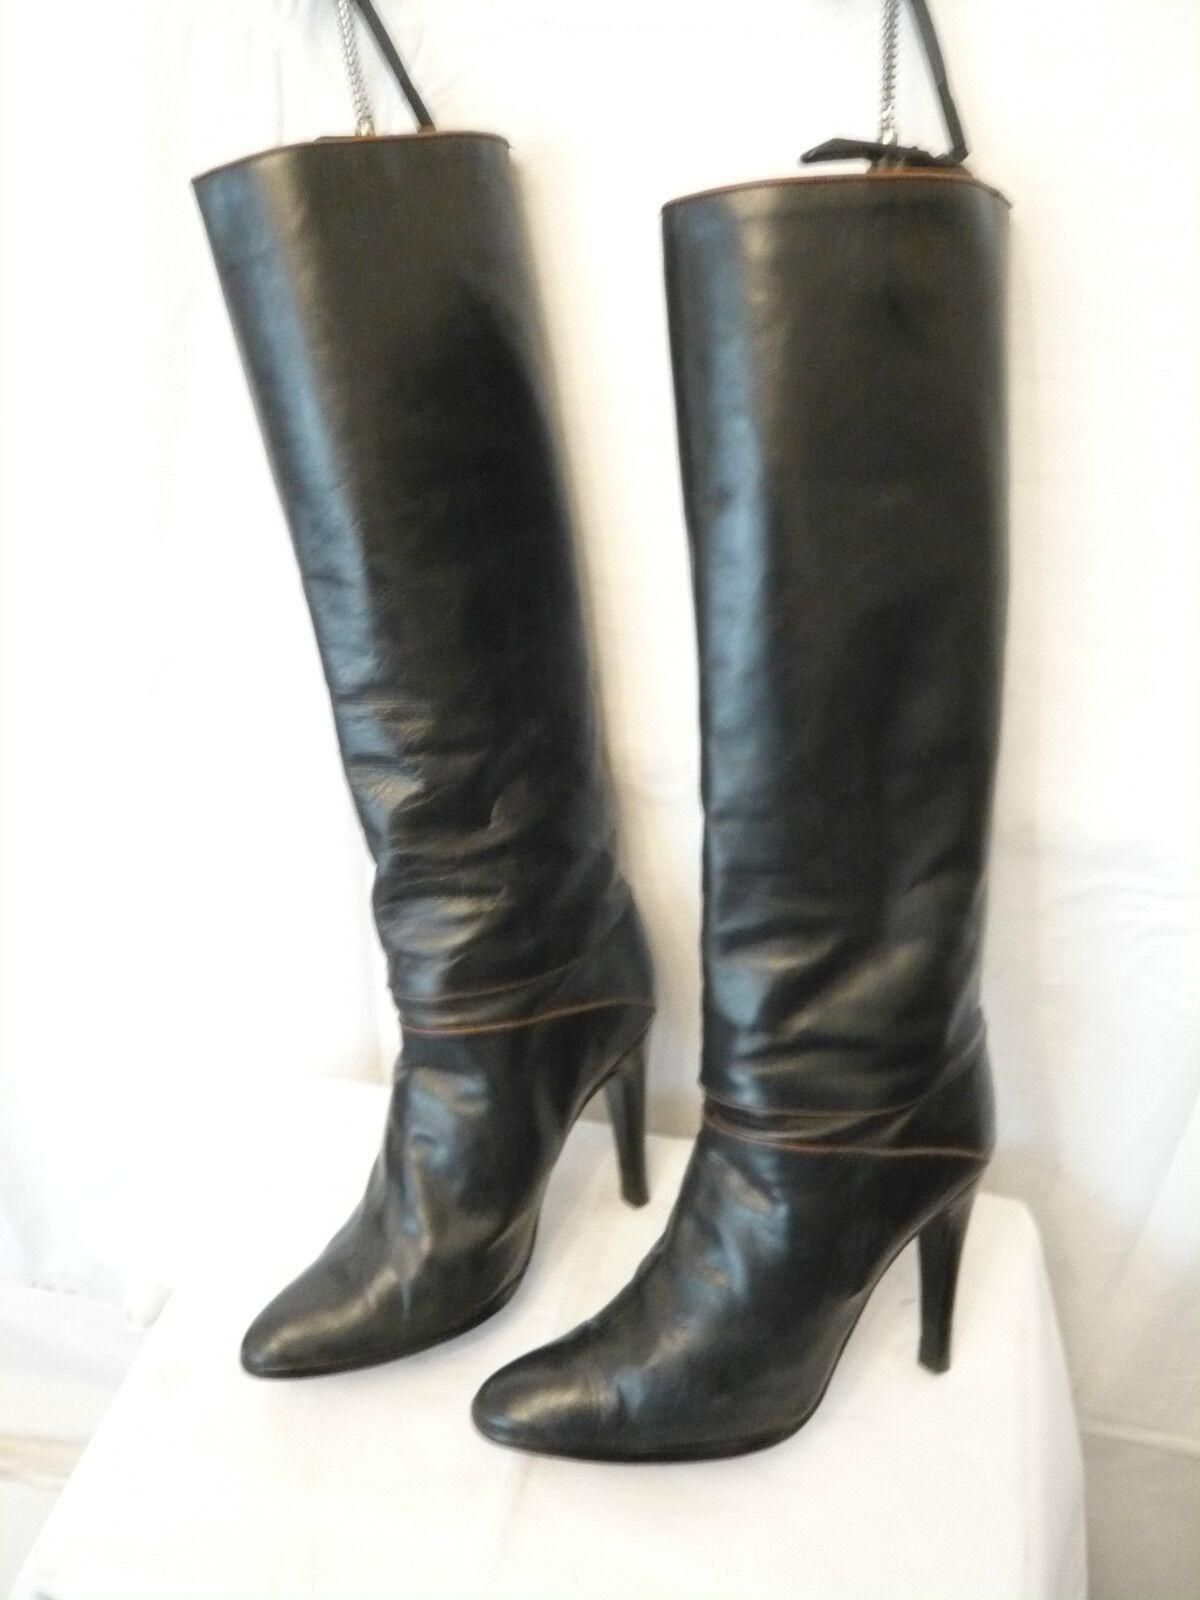 Stiefel vintage 1983  sexy  - Stiefelhersteller italienisch - schwarz - T .39,5